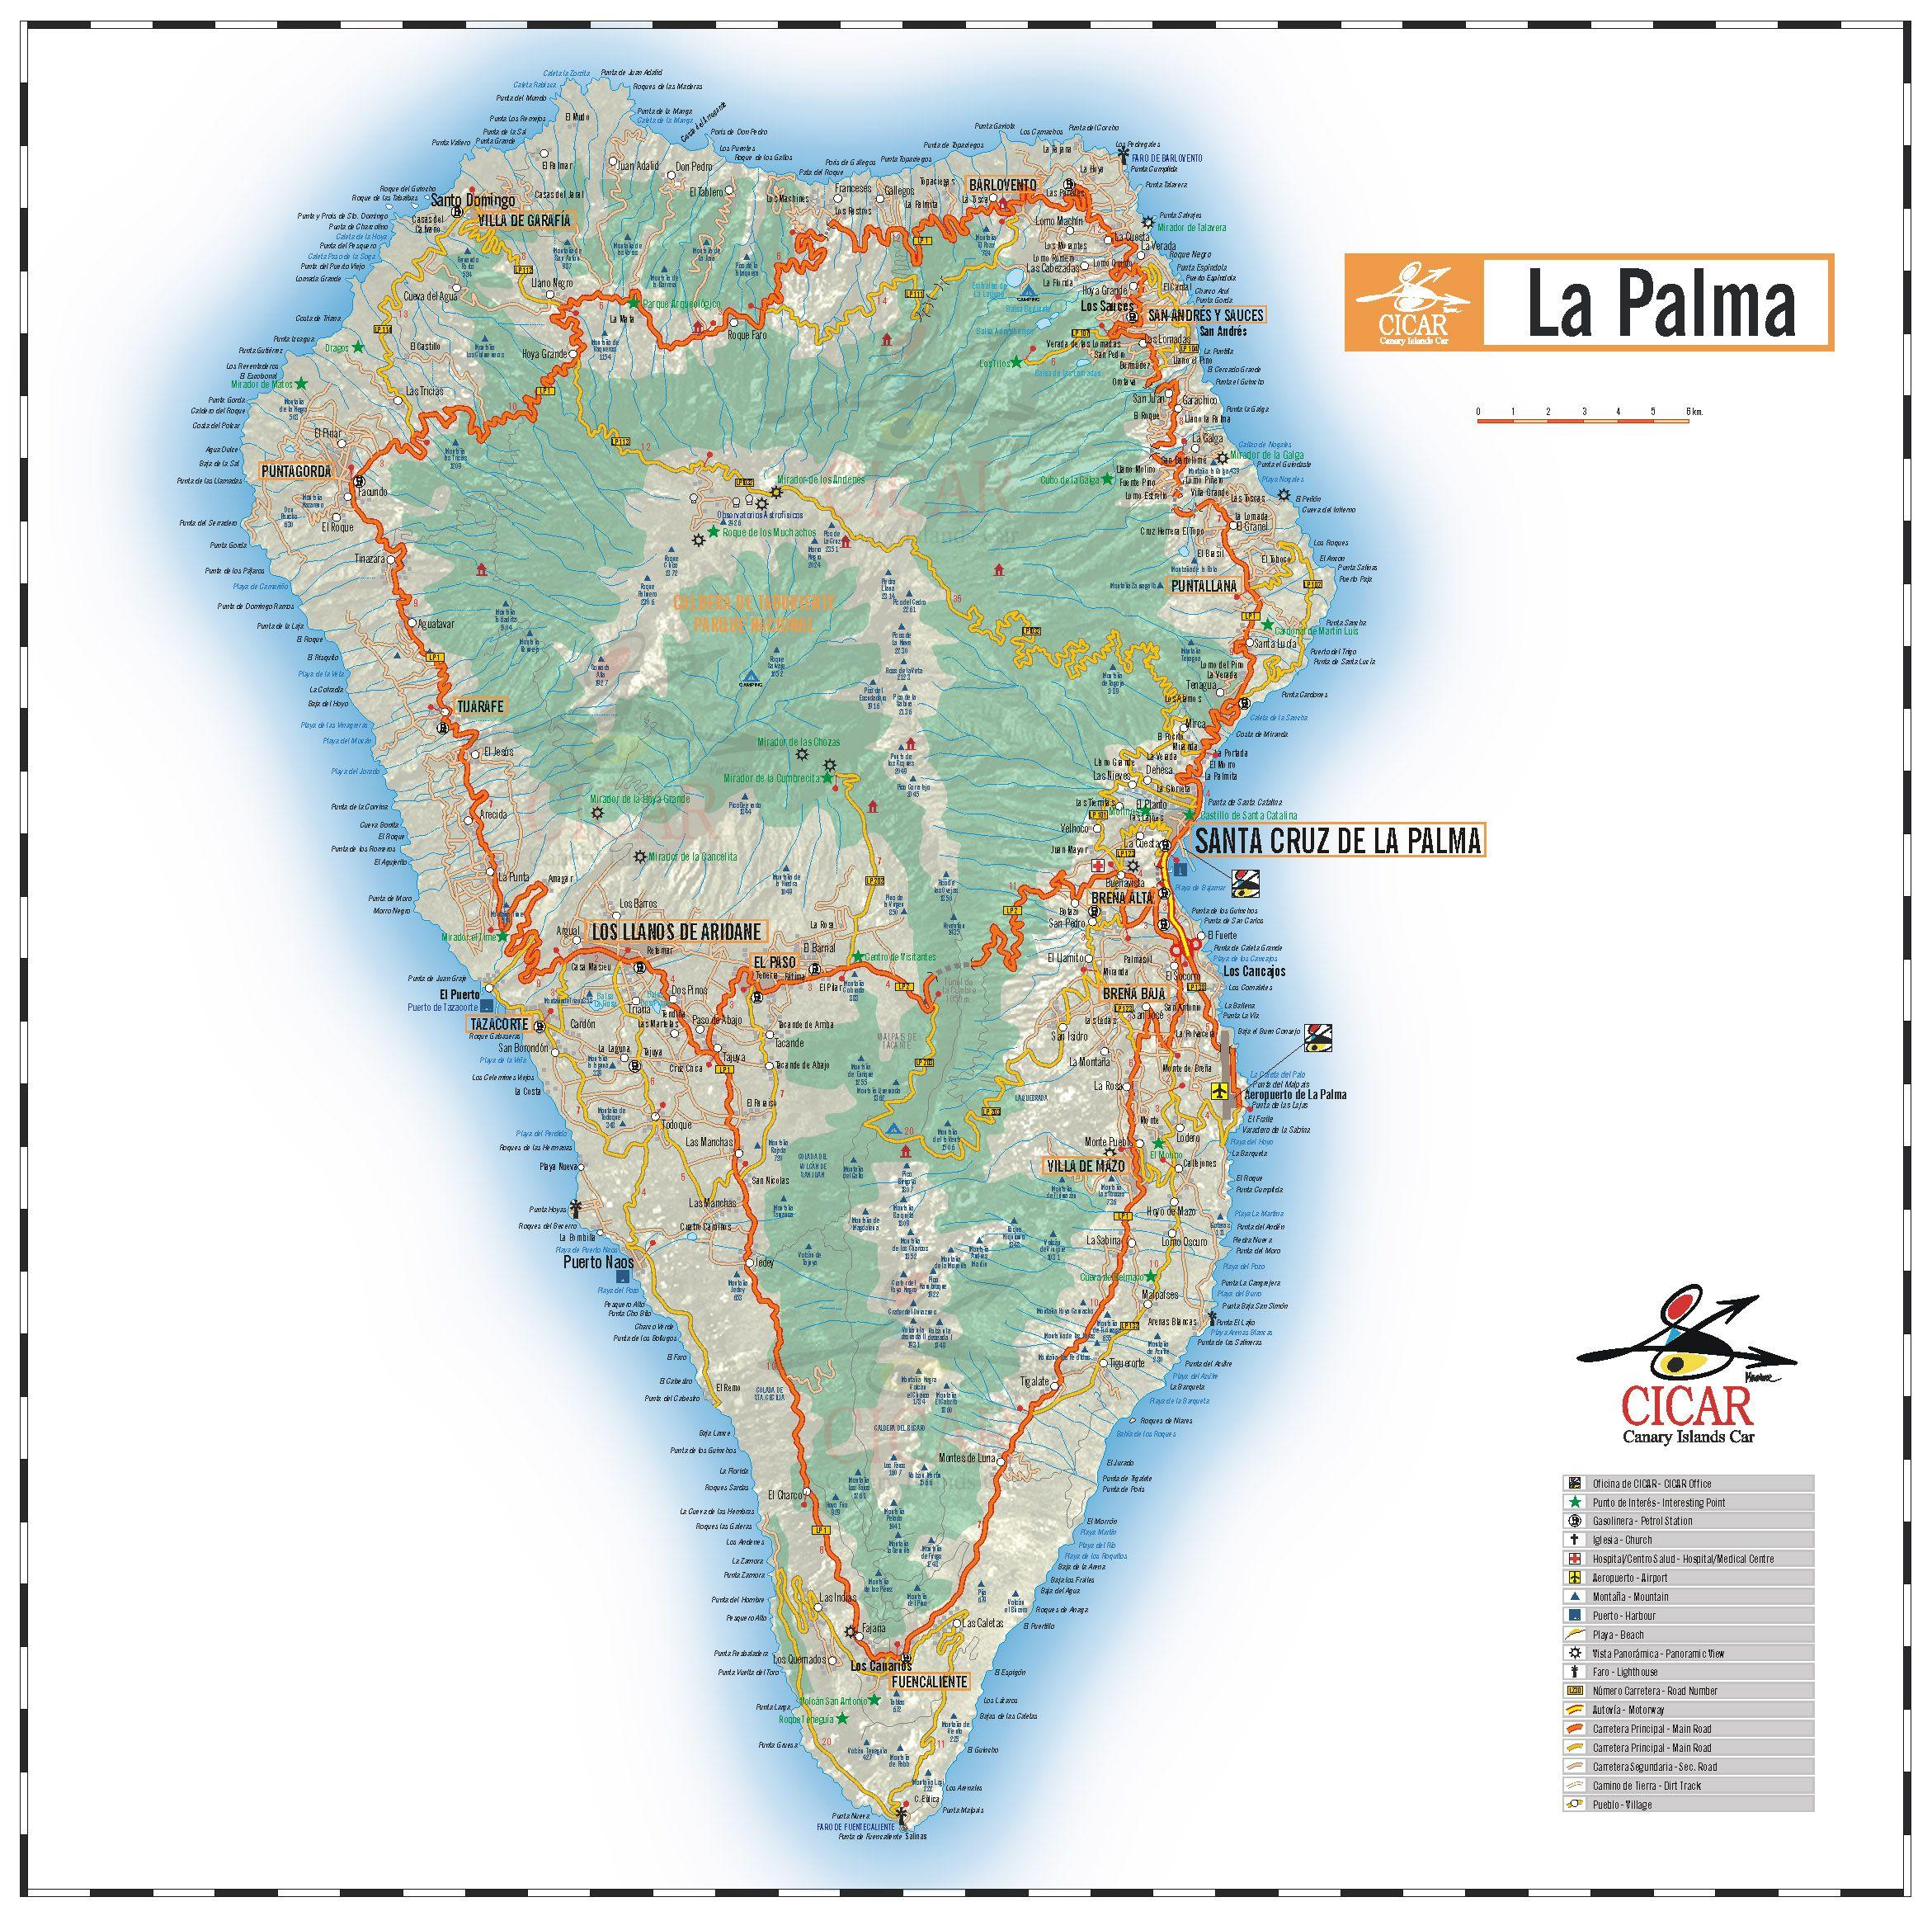 Gu Reise Von La Palma Die Informationen Die Sie Brauchen In